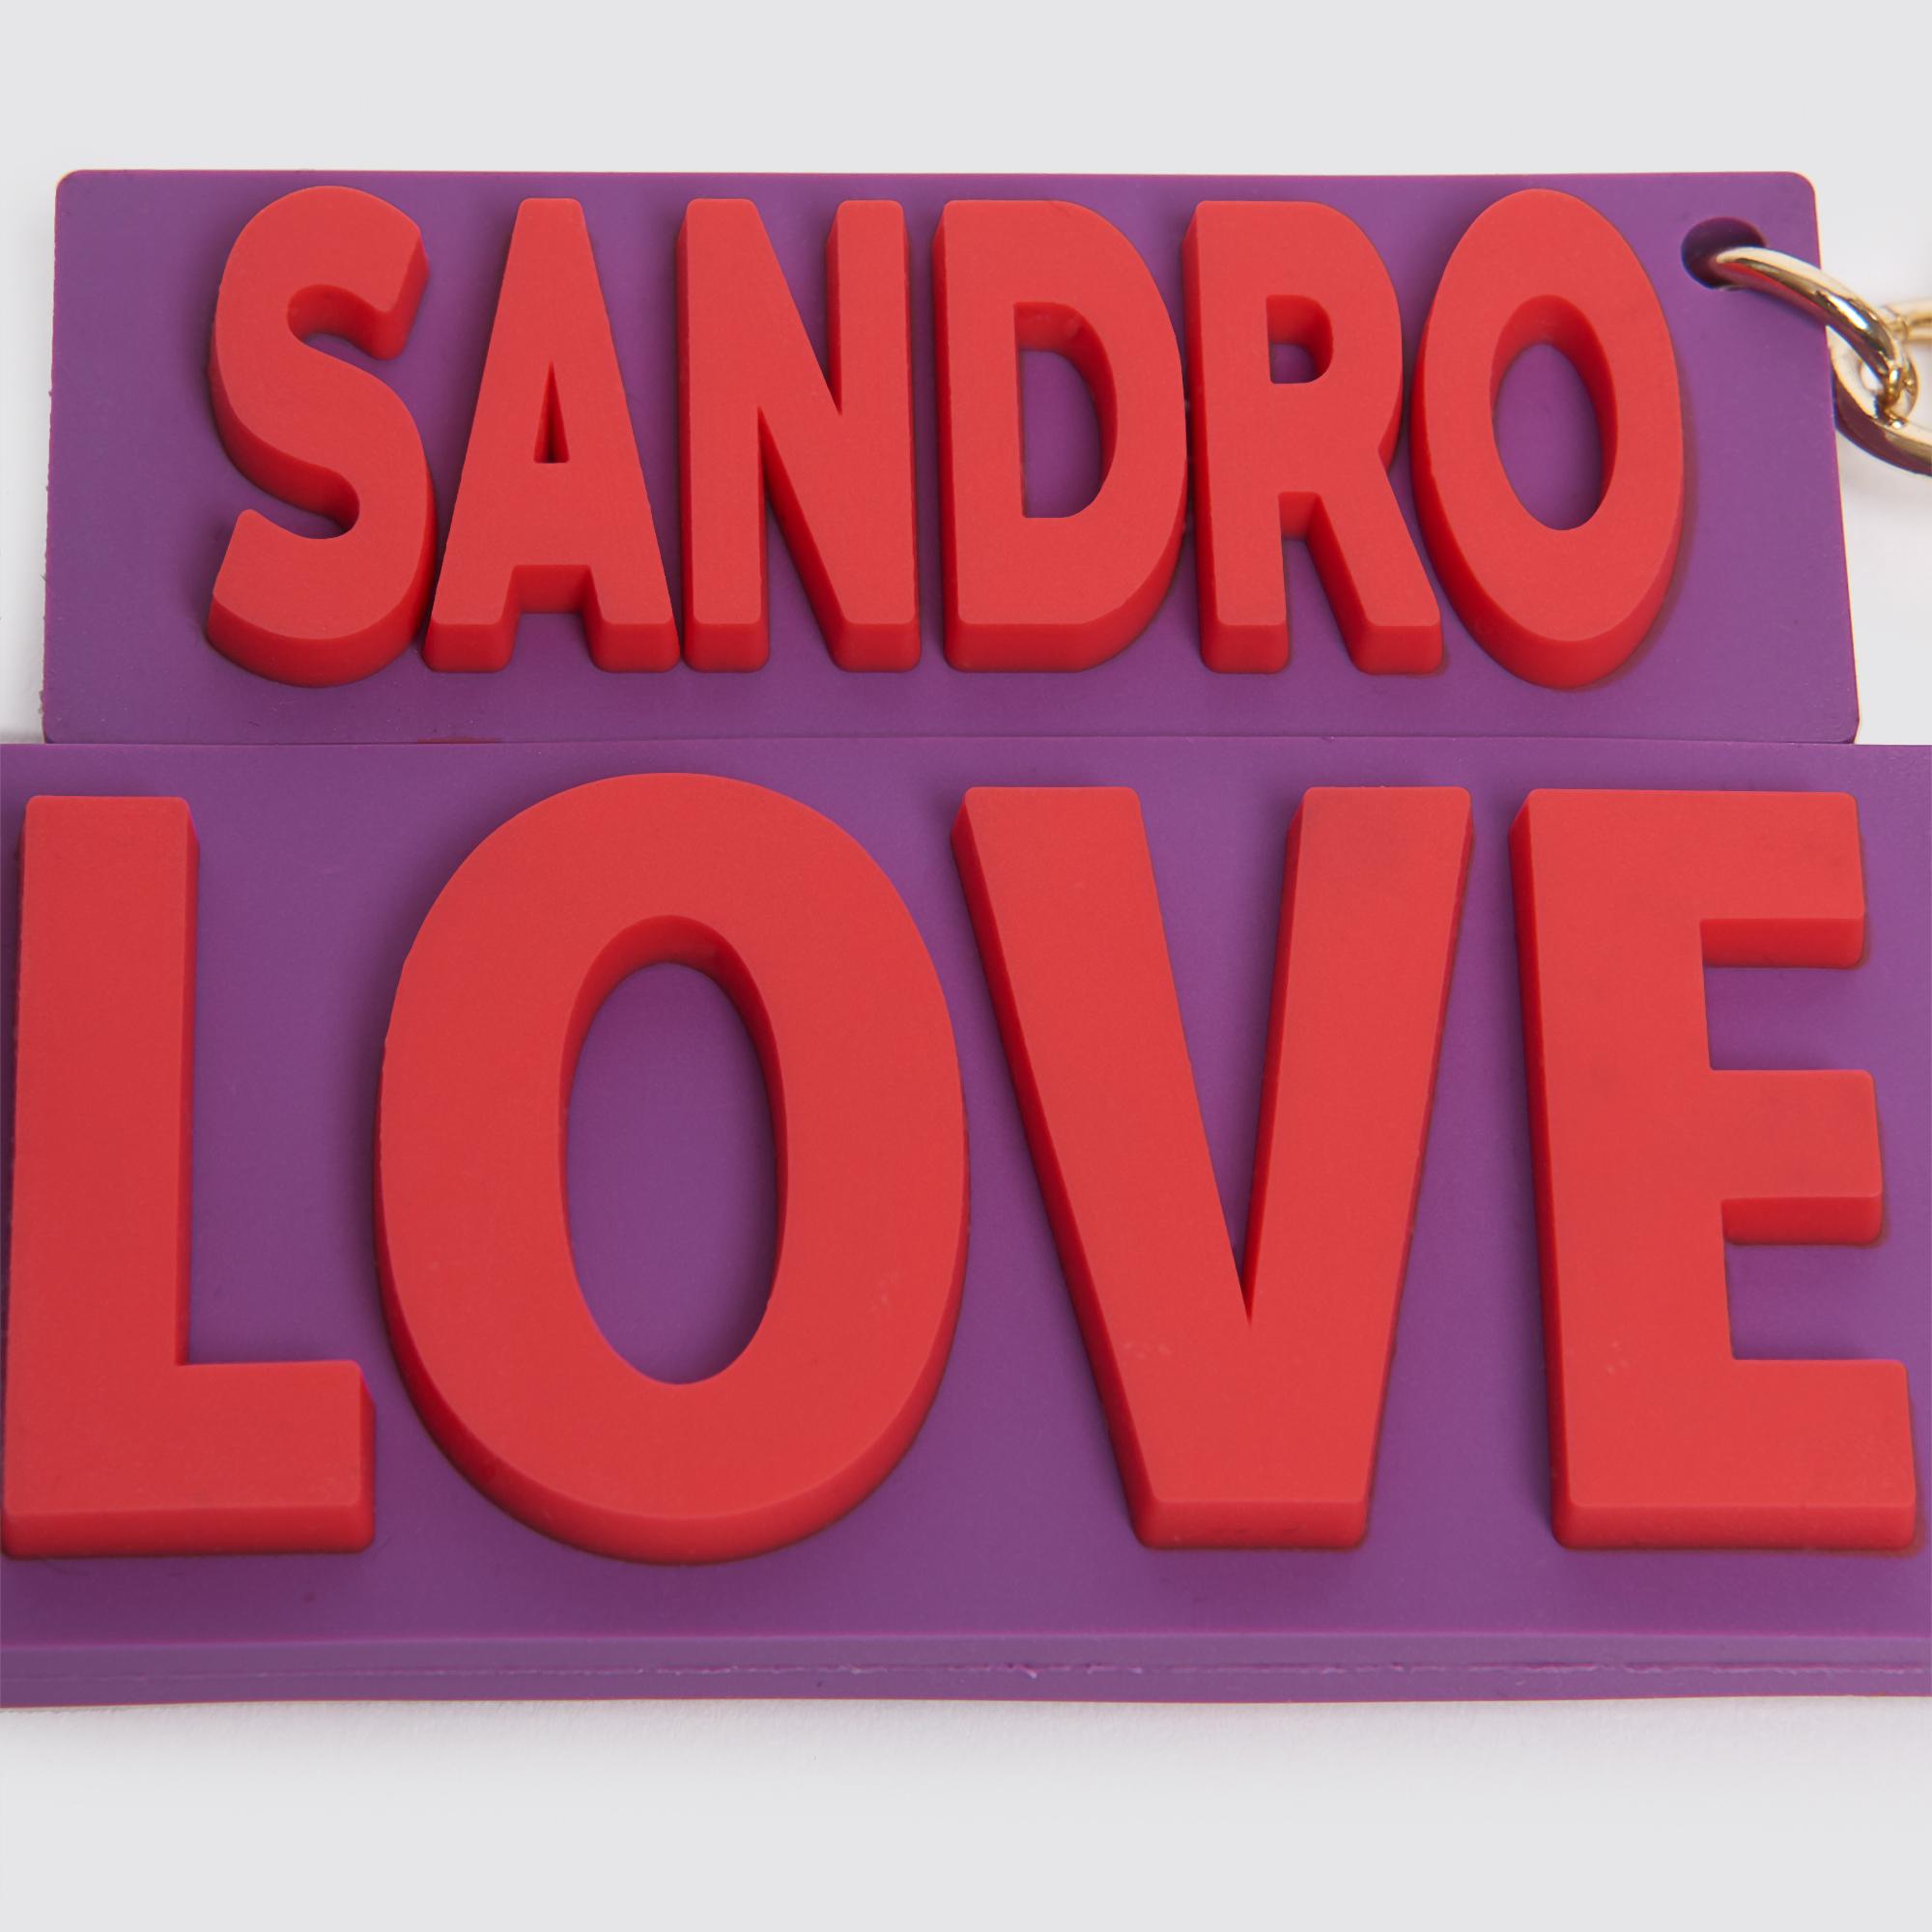 Portachiavi Sandro Love : Portachiavi colore Viola